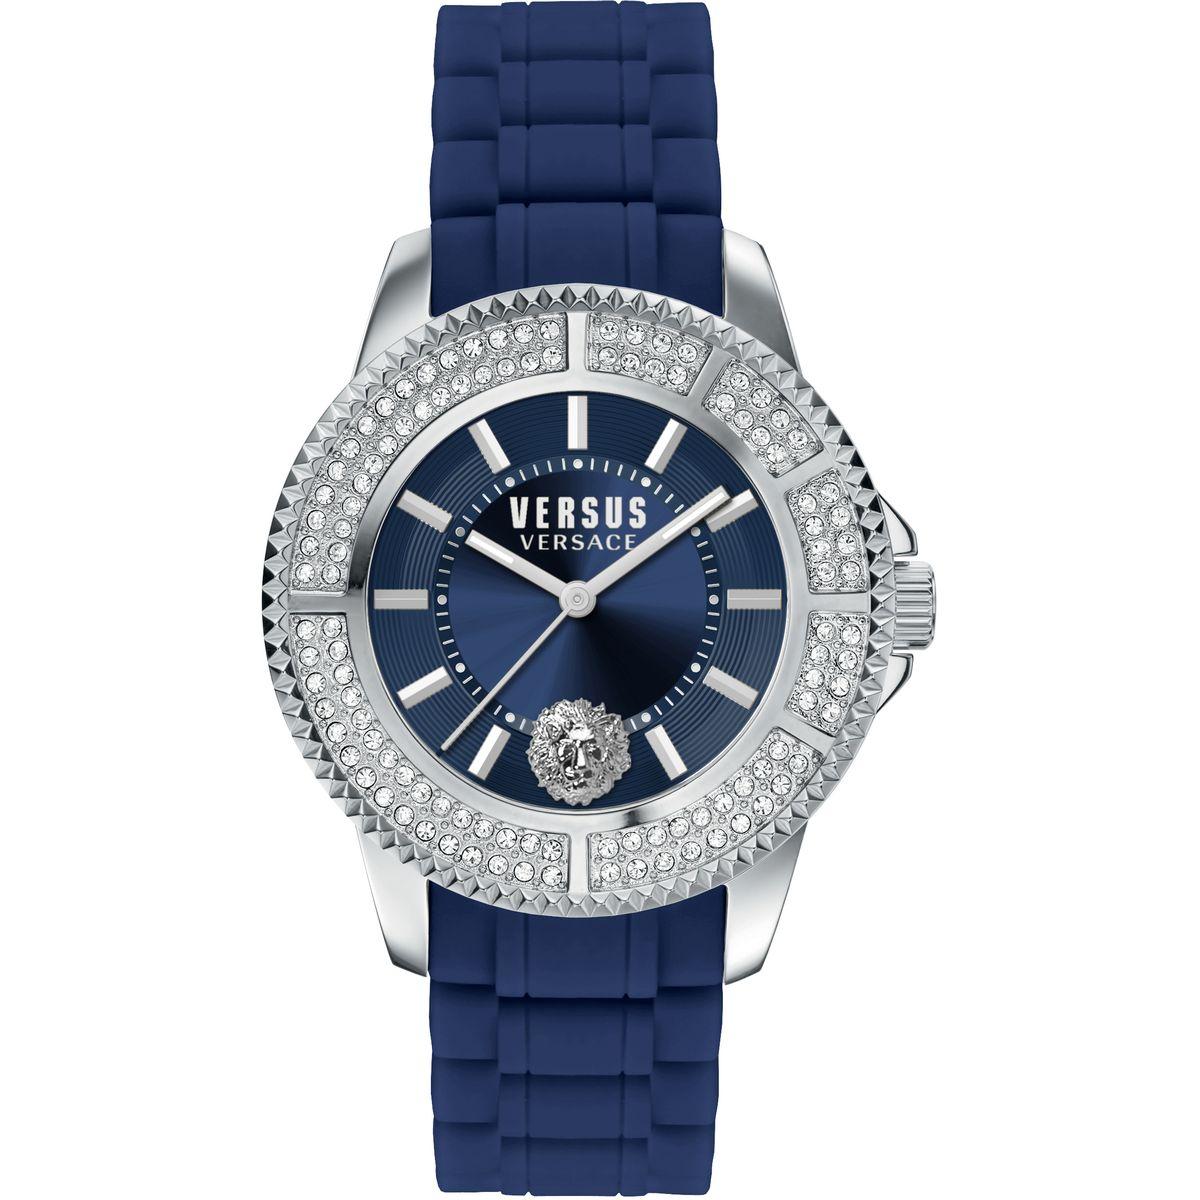 Наручные часы женские Versus Versace, цвет: серебристый. SGM24 0015SGM24 00153 стрелки, кварцевый механизм Citizen_2035, сталь, каучуковый ремешок, застежка из стали, минеральное стекло, кристаллы SWAROVSKI, водонепроницаемость 5 АТМ.